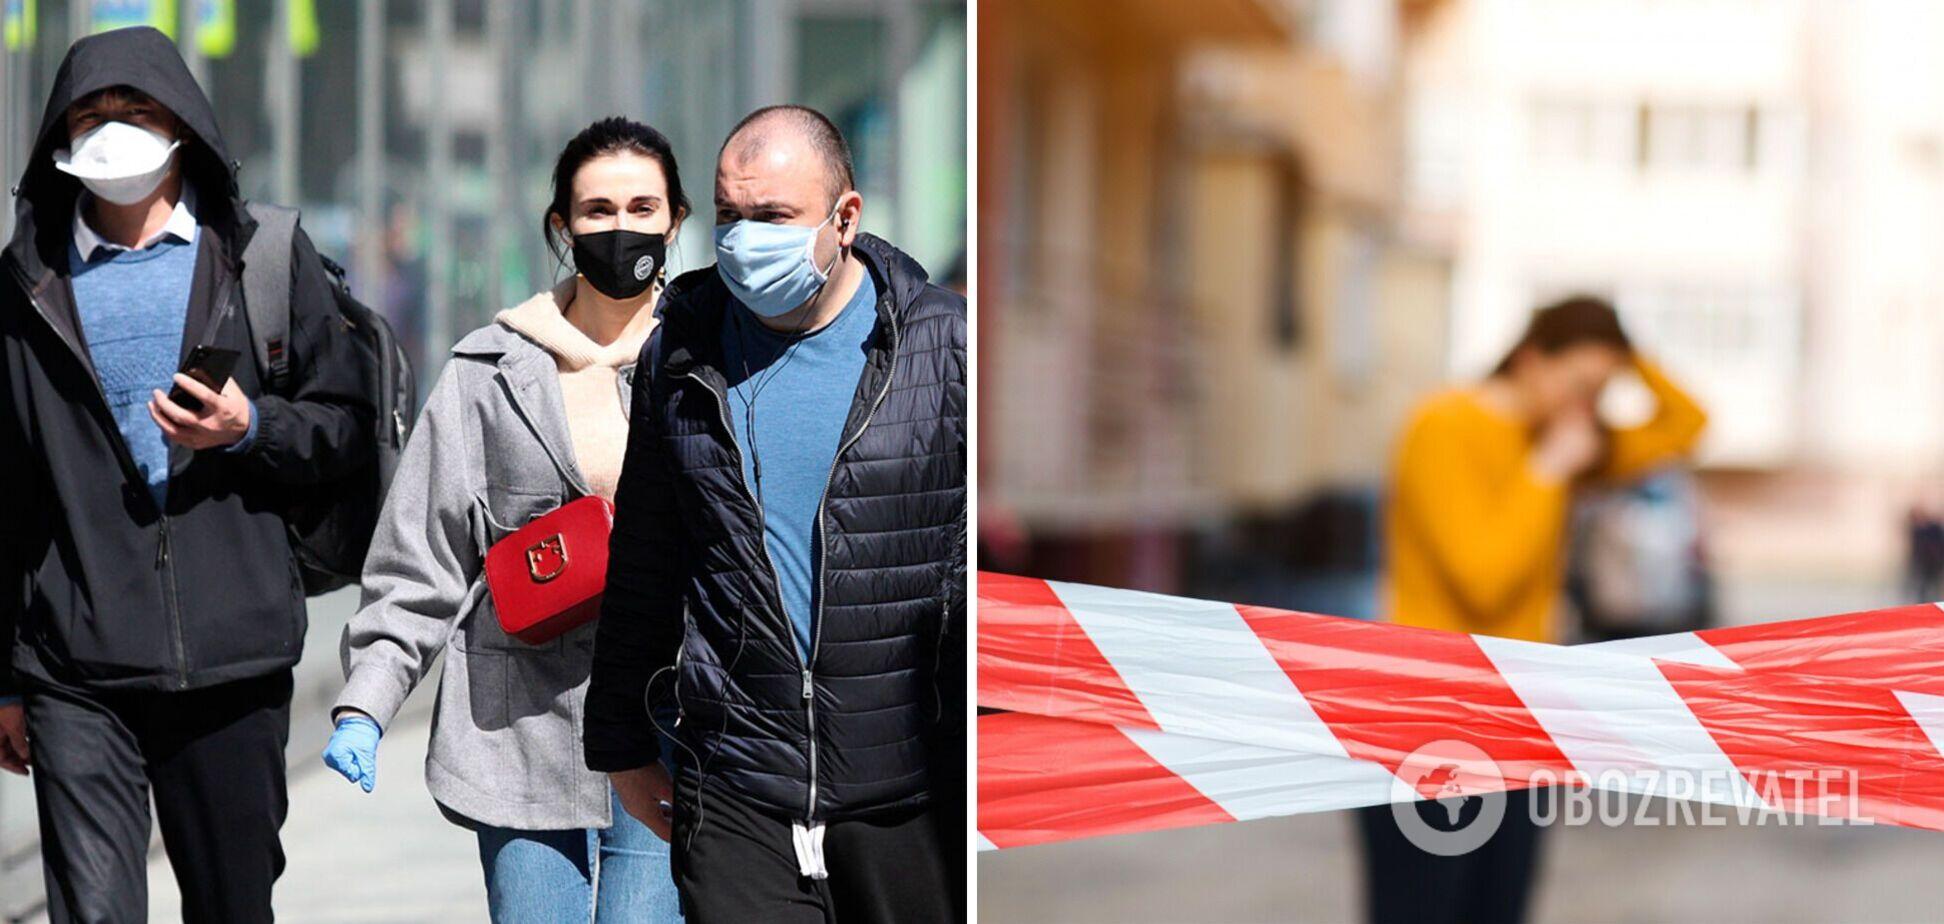 В Украине начинается новый пик коронавируса, возможен локдаун, – академик НАН